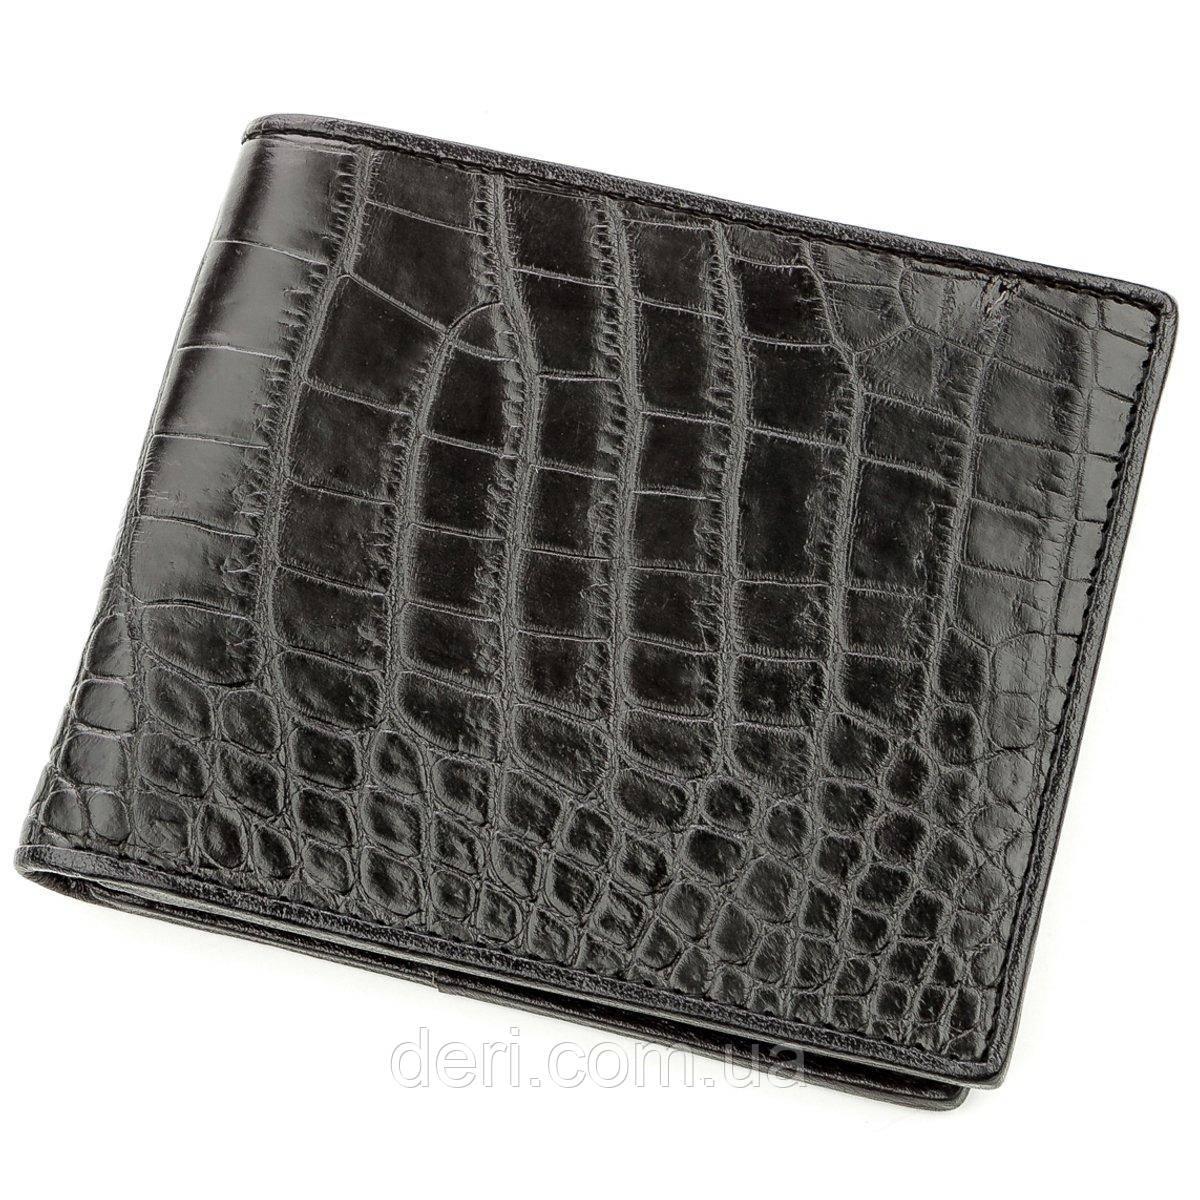 Ексклюзивний гаманець чоловічий з натуральної шкіри крокодила CROCODILE LEATHER